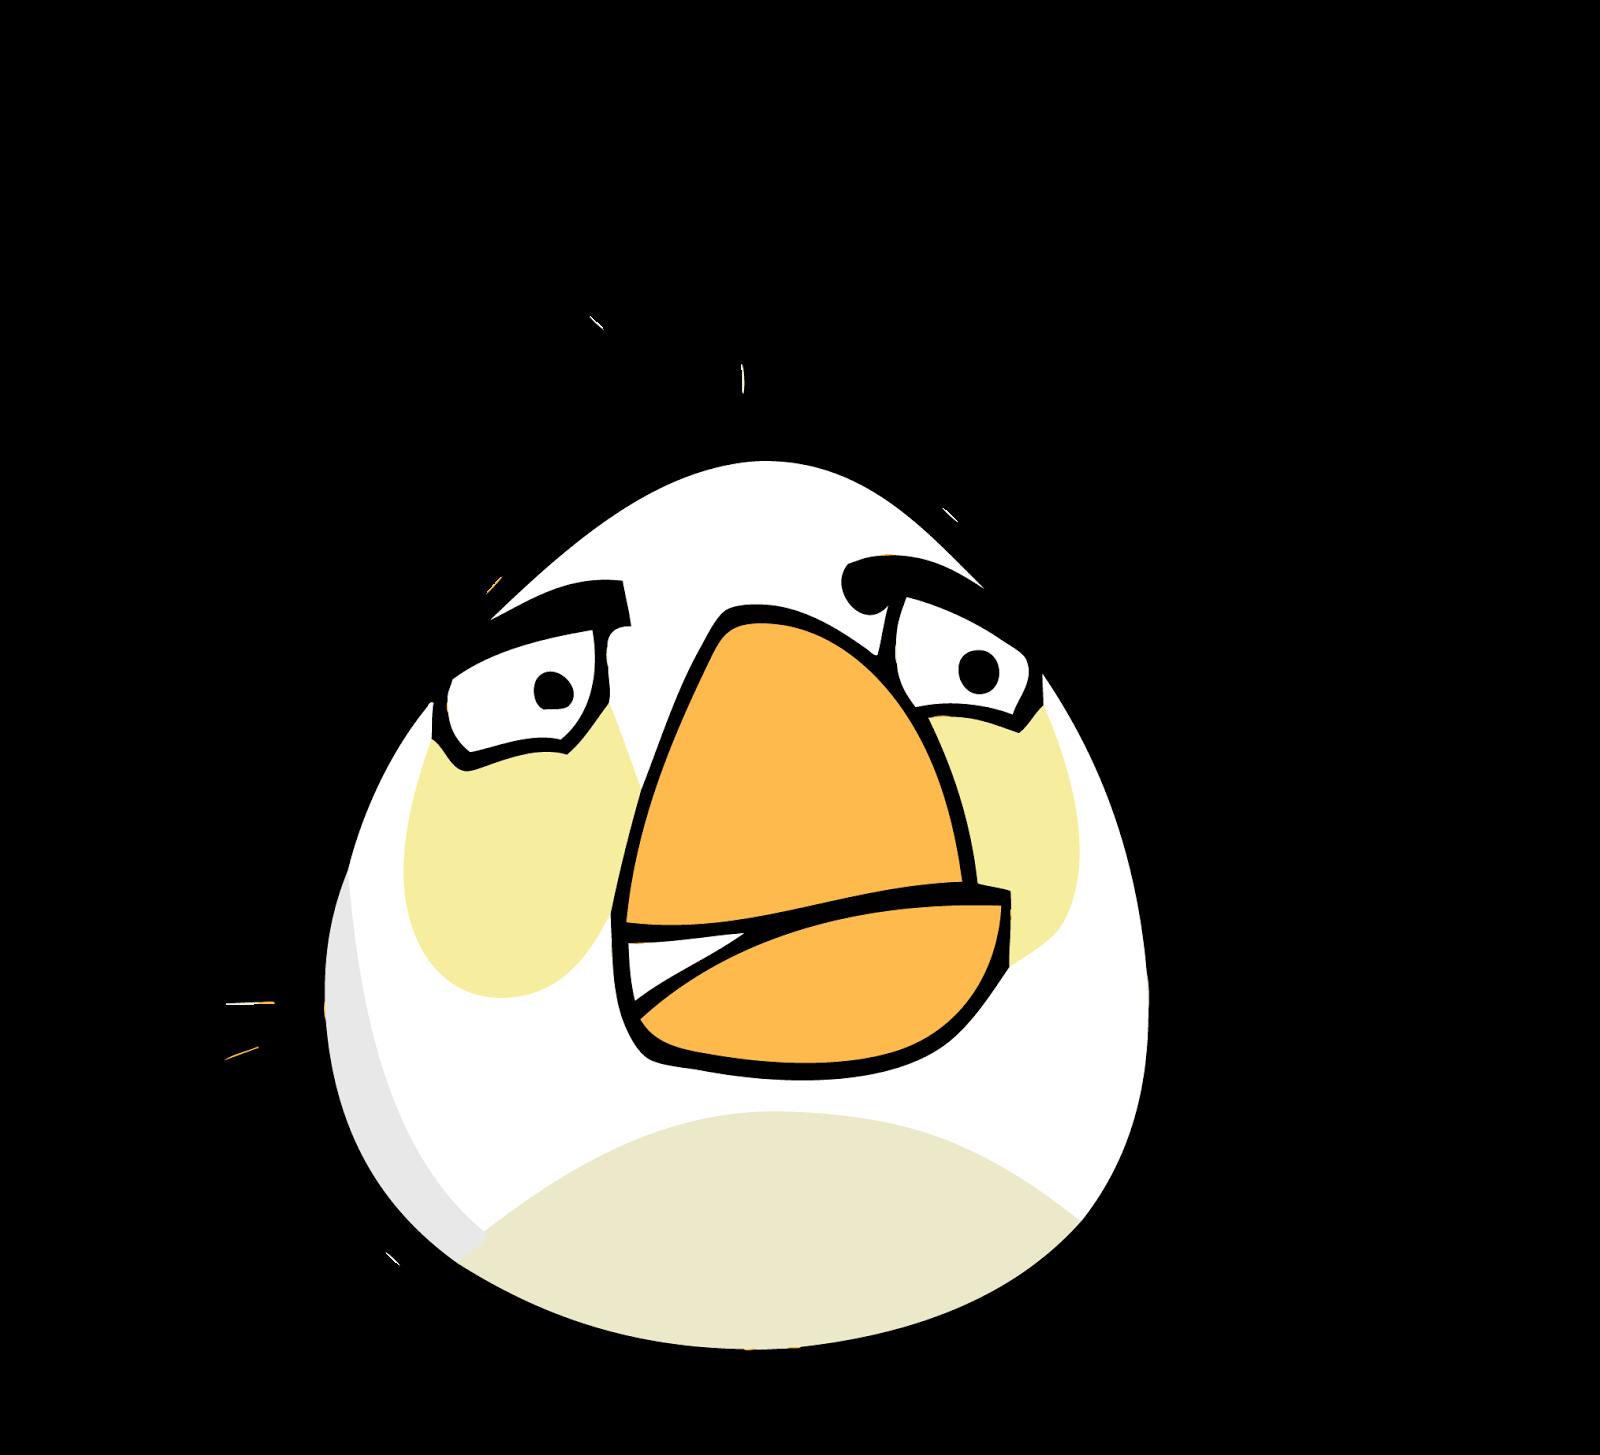 Cliparts 4 Png 1600 1455 Festa Angry Birds Angry Birds Ideias Para Festas